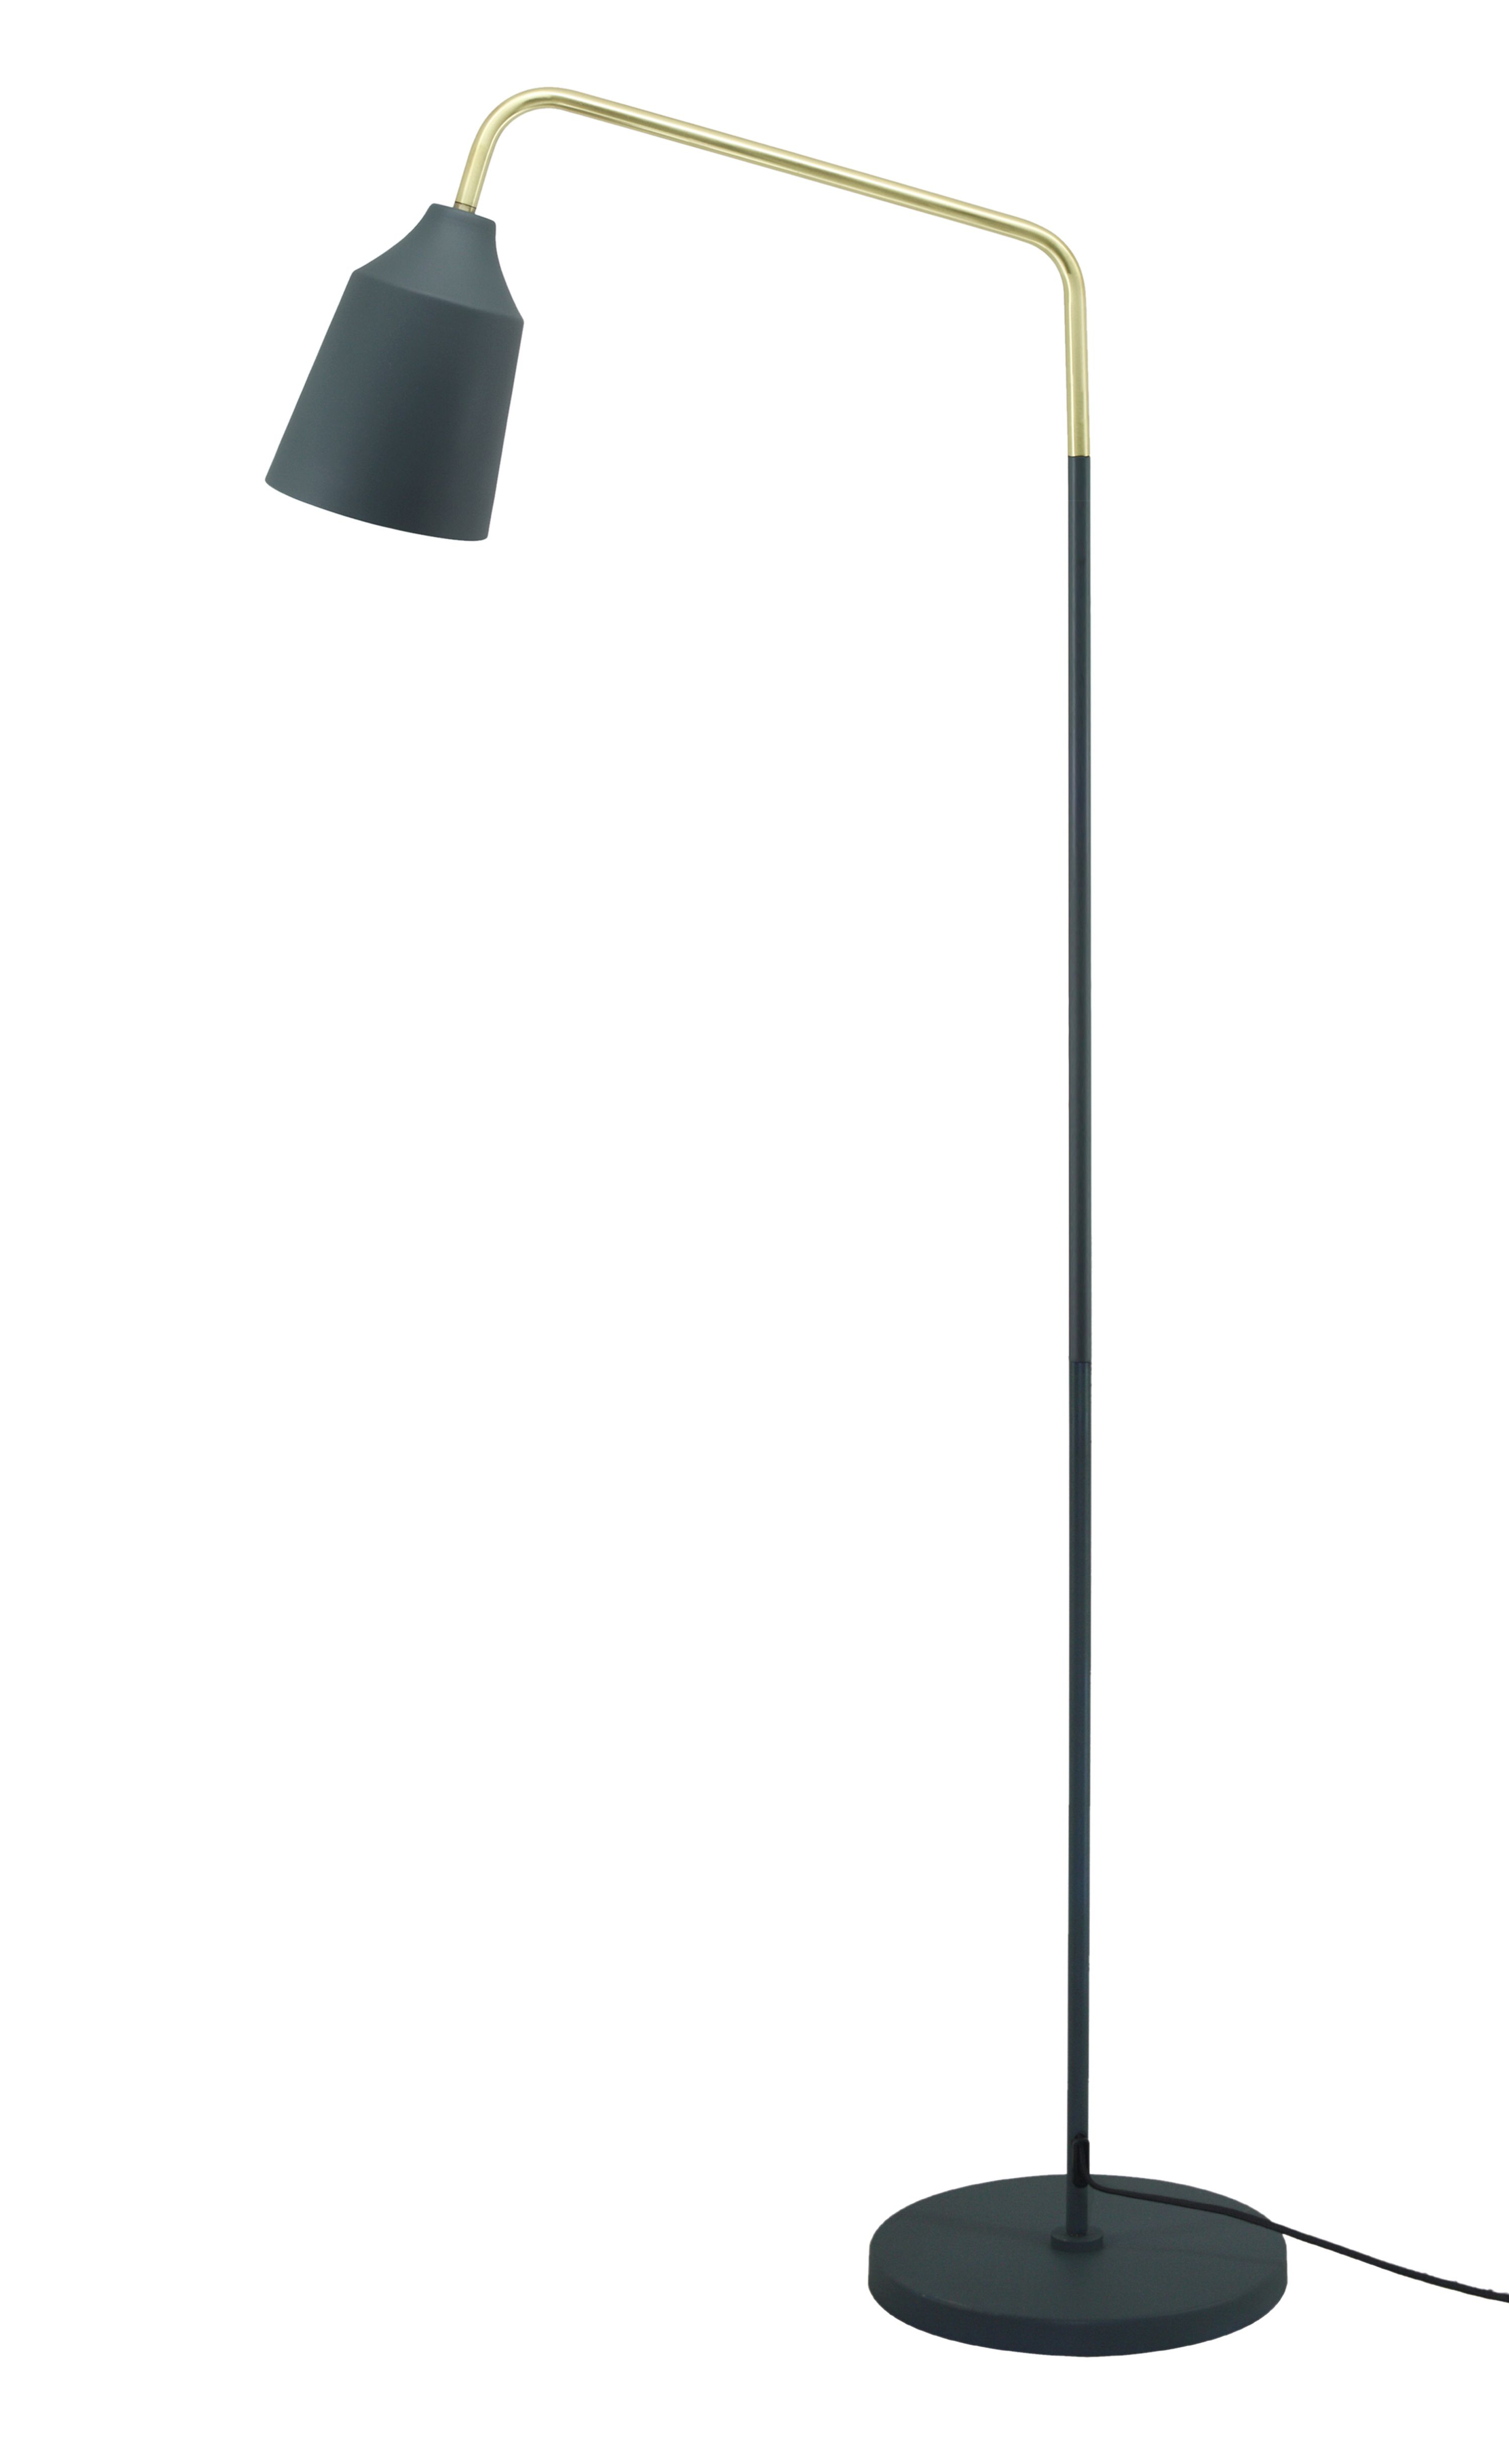 Stehlampe Capree 487 Blau In 2020 Stehlampe Lampen Und Leuchten